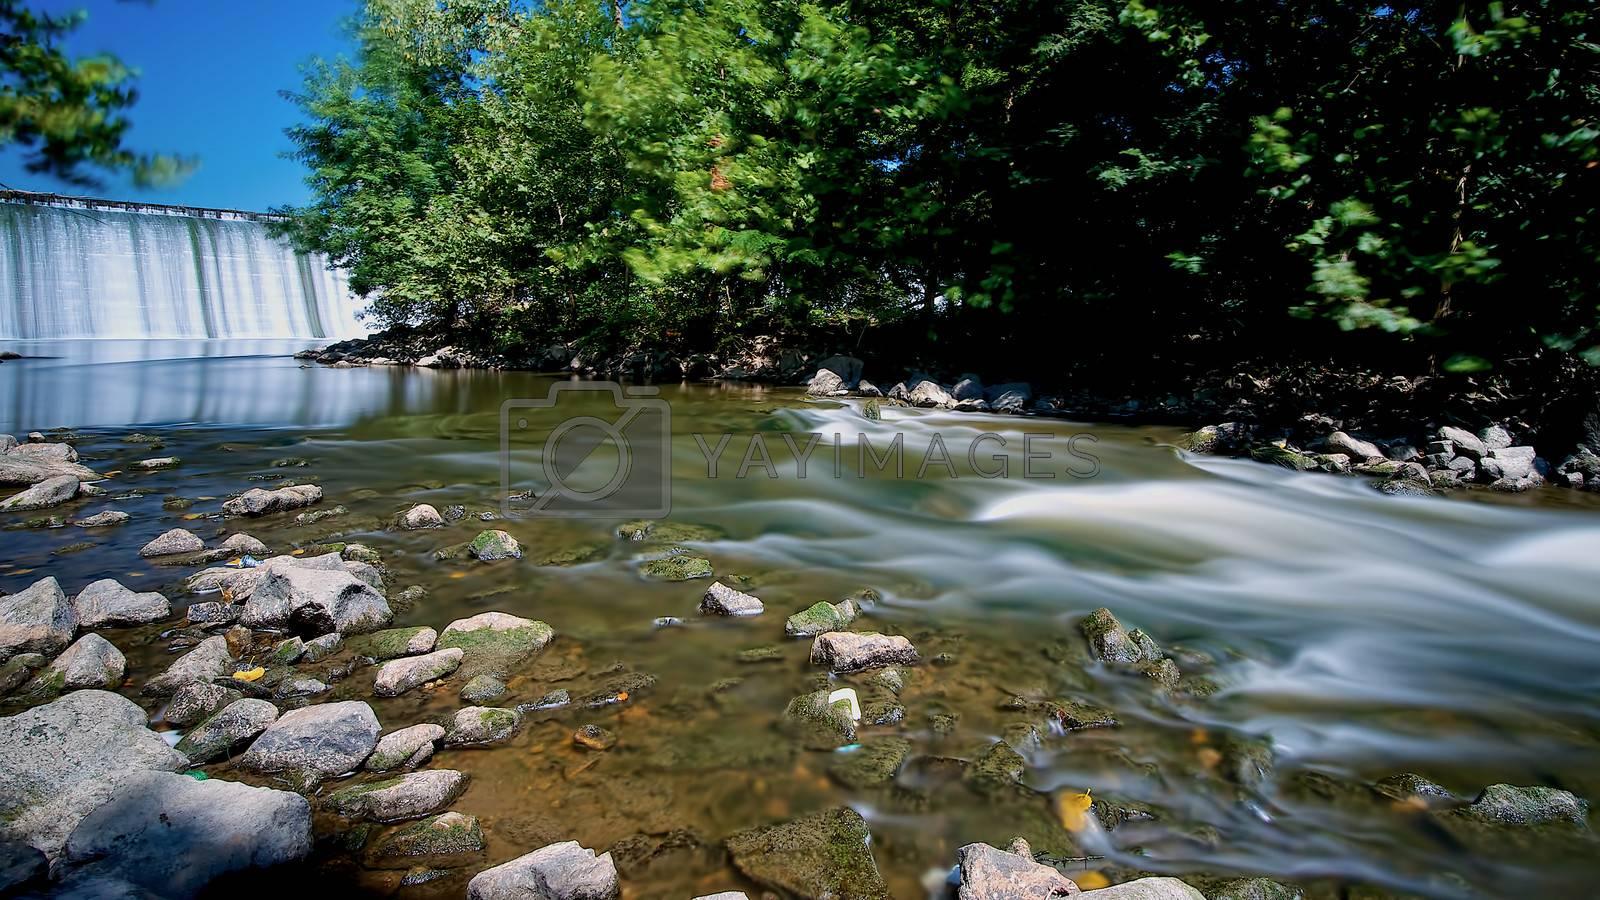 Royalty free image of Down river by berkehaus